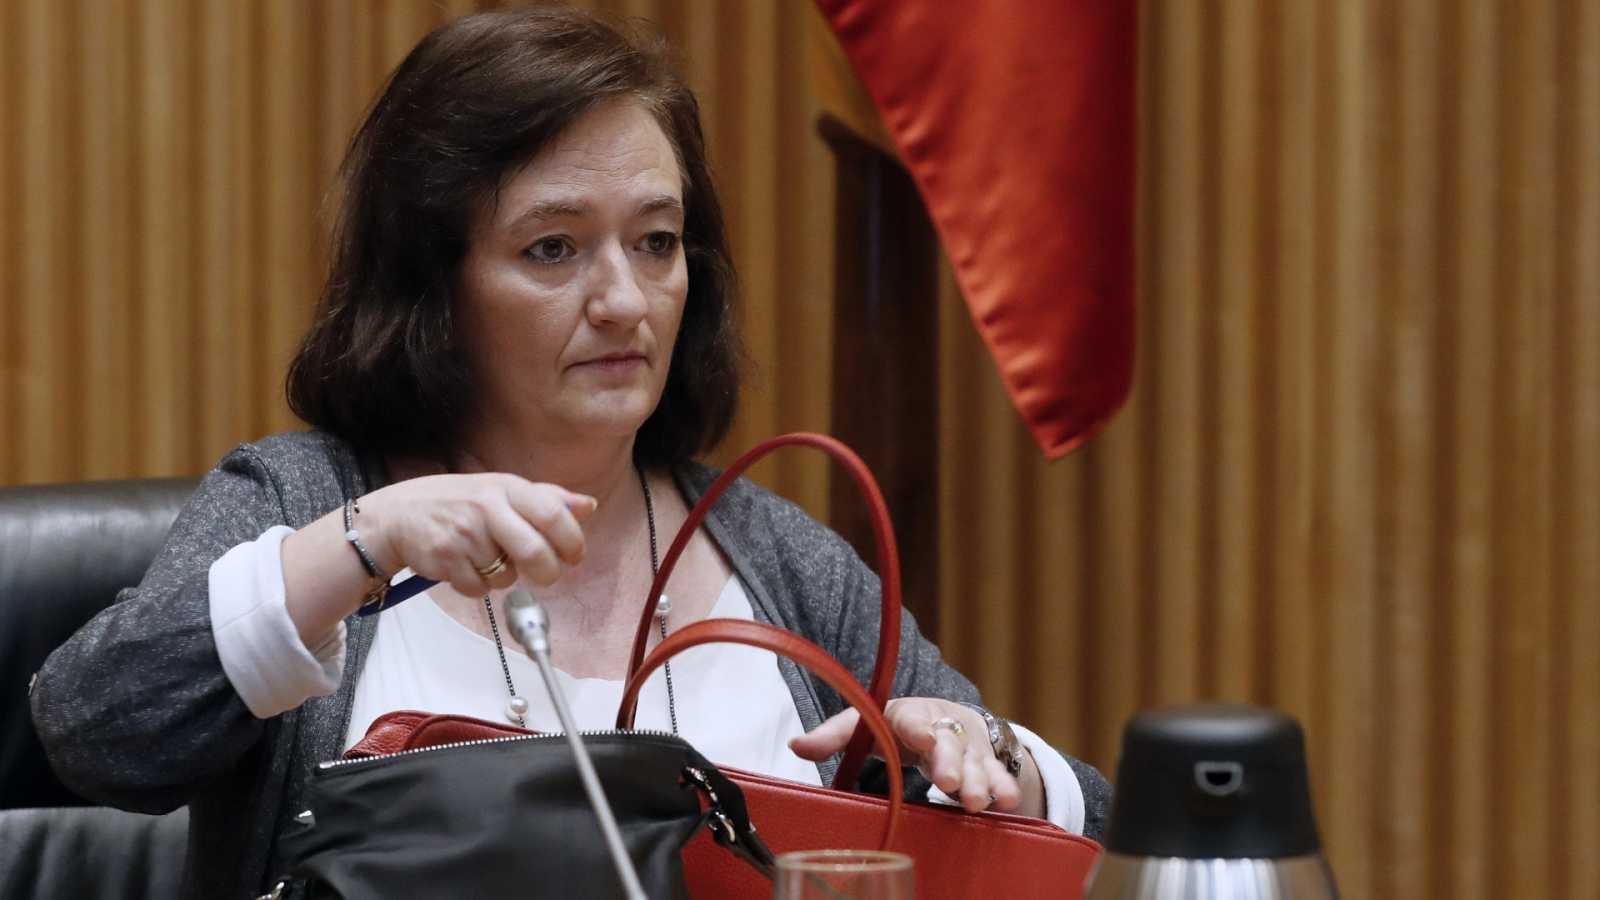 La presidenta de la Autoridad Independiente de Responsabilidad Fiscal (AIReF), Cristina Herrero en una foto de archivo